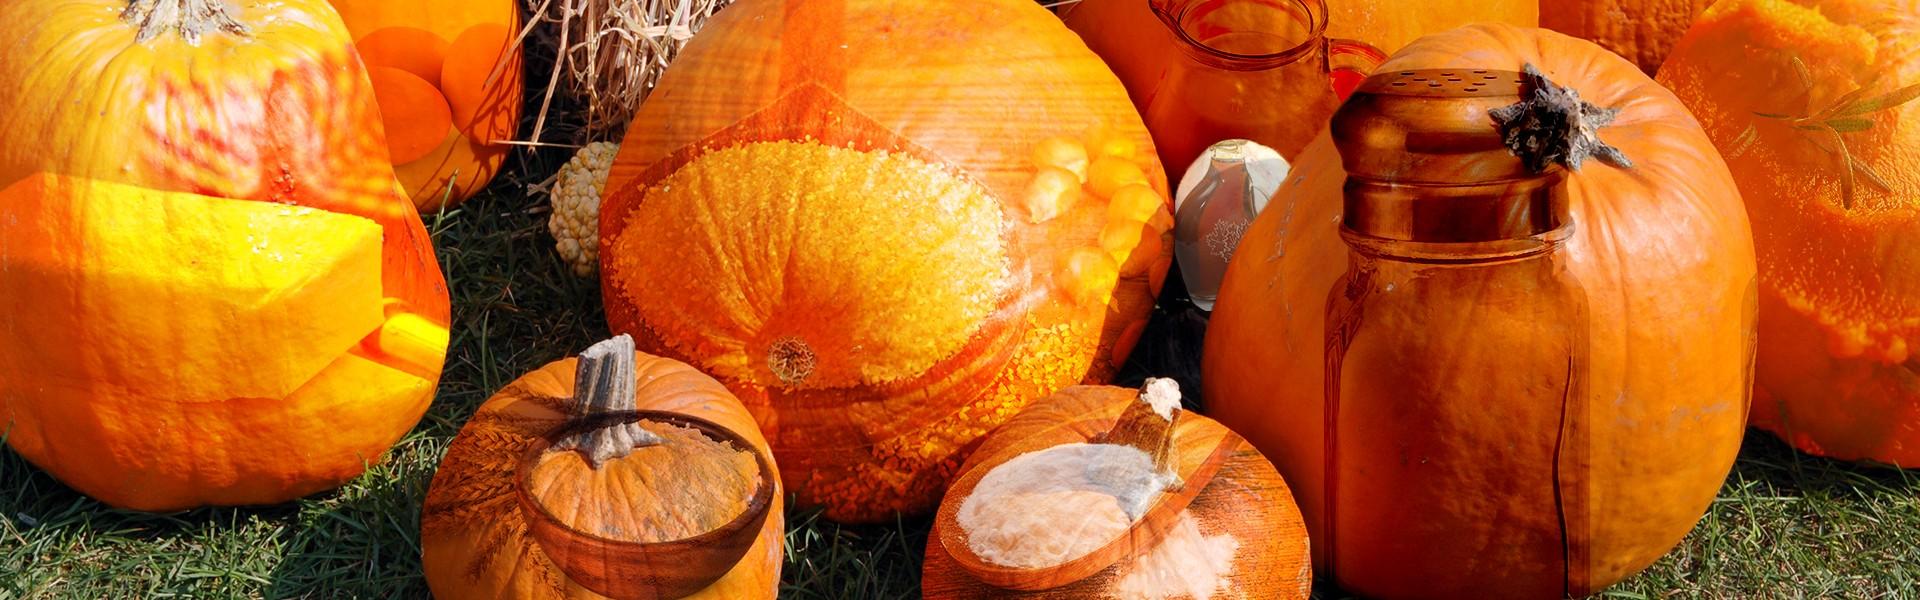 Ingredients to make pumpkin cornbread.